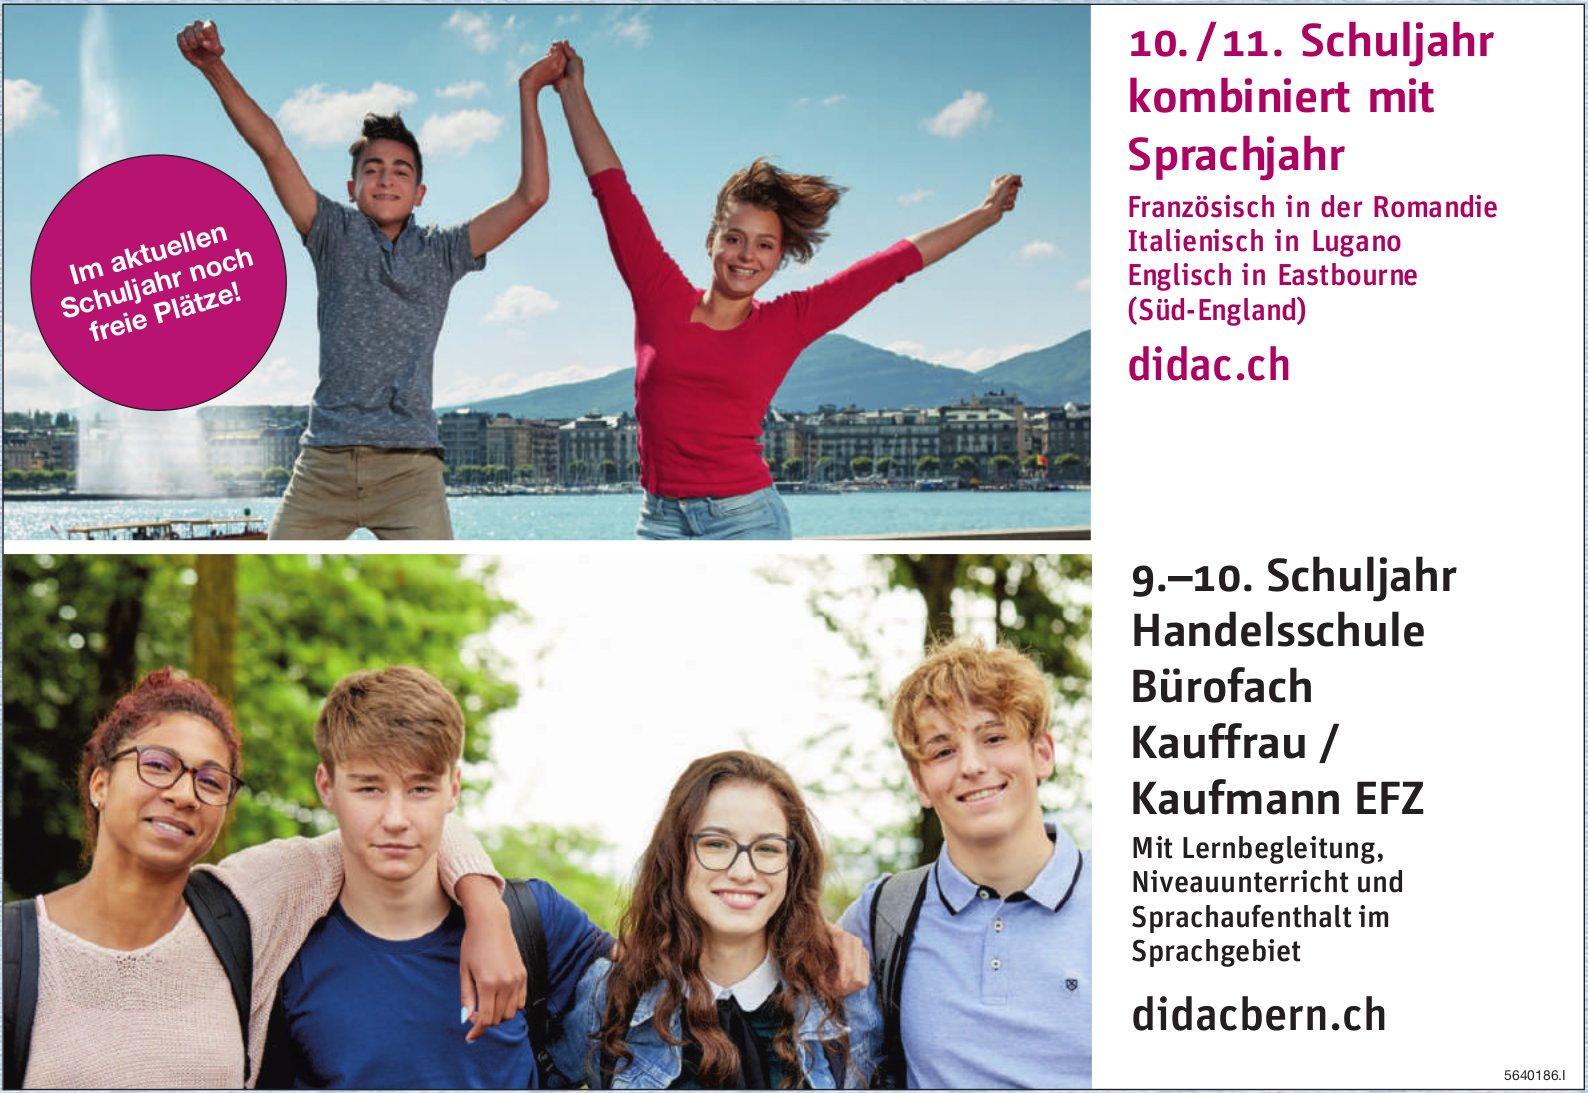 Didac, Bern - 10. / 11. Schuljahr kombiniert mit Sprachjahr / 9.–10. Schuljahr Handelsschule Bürofach Kauffrau/Kaufmann EFZ